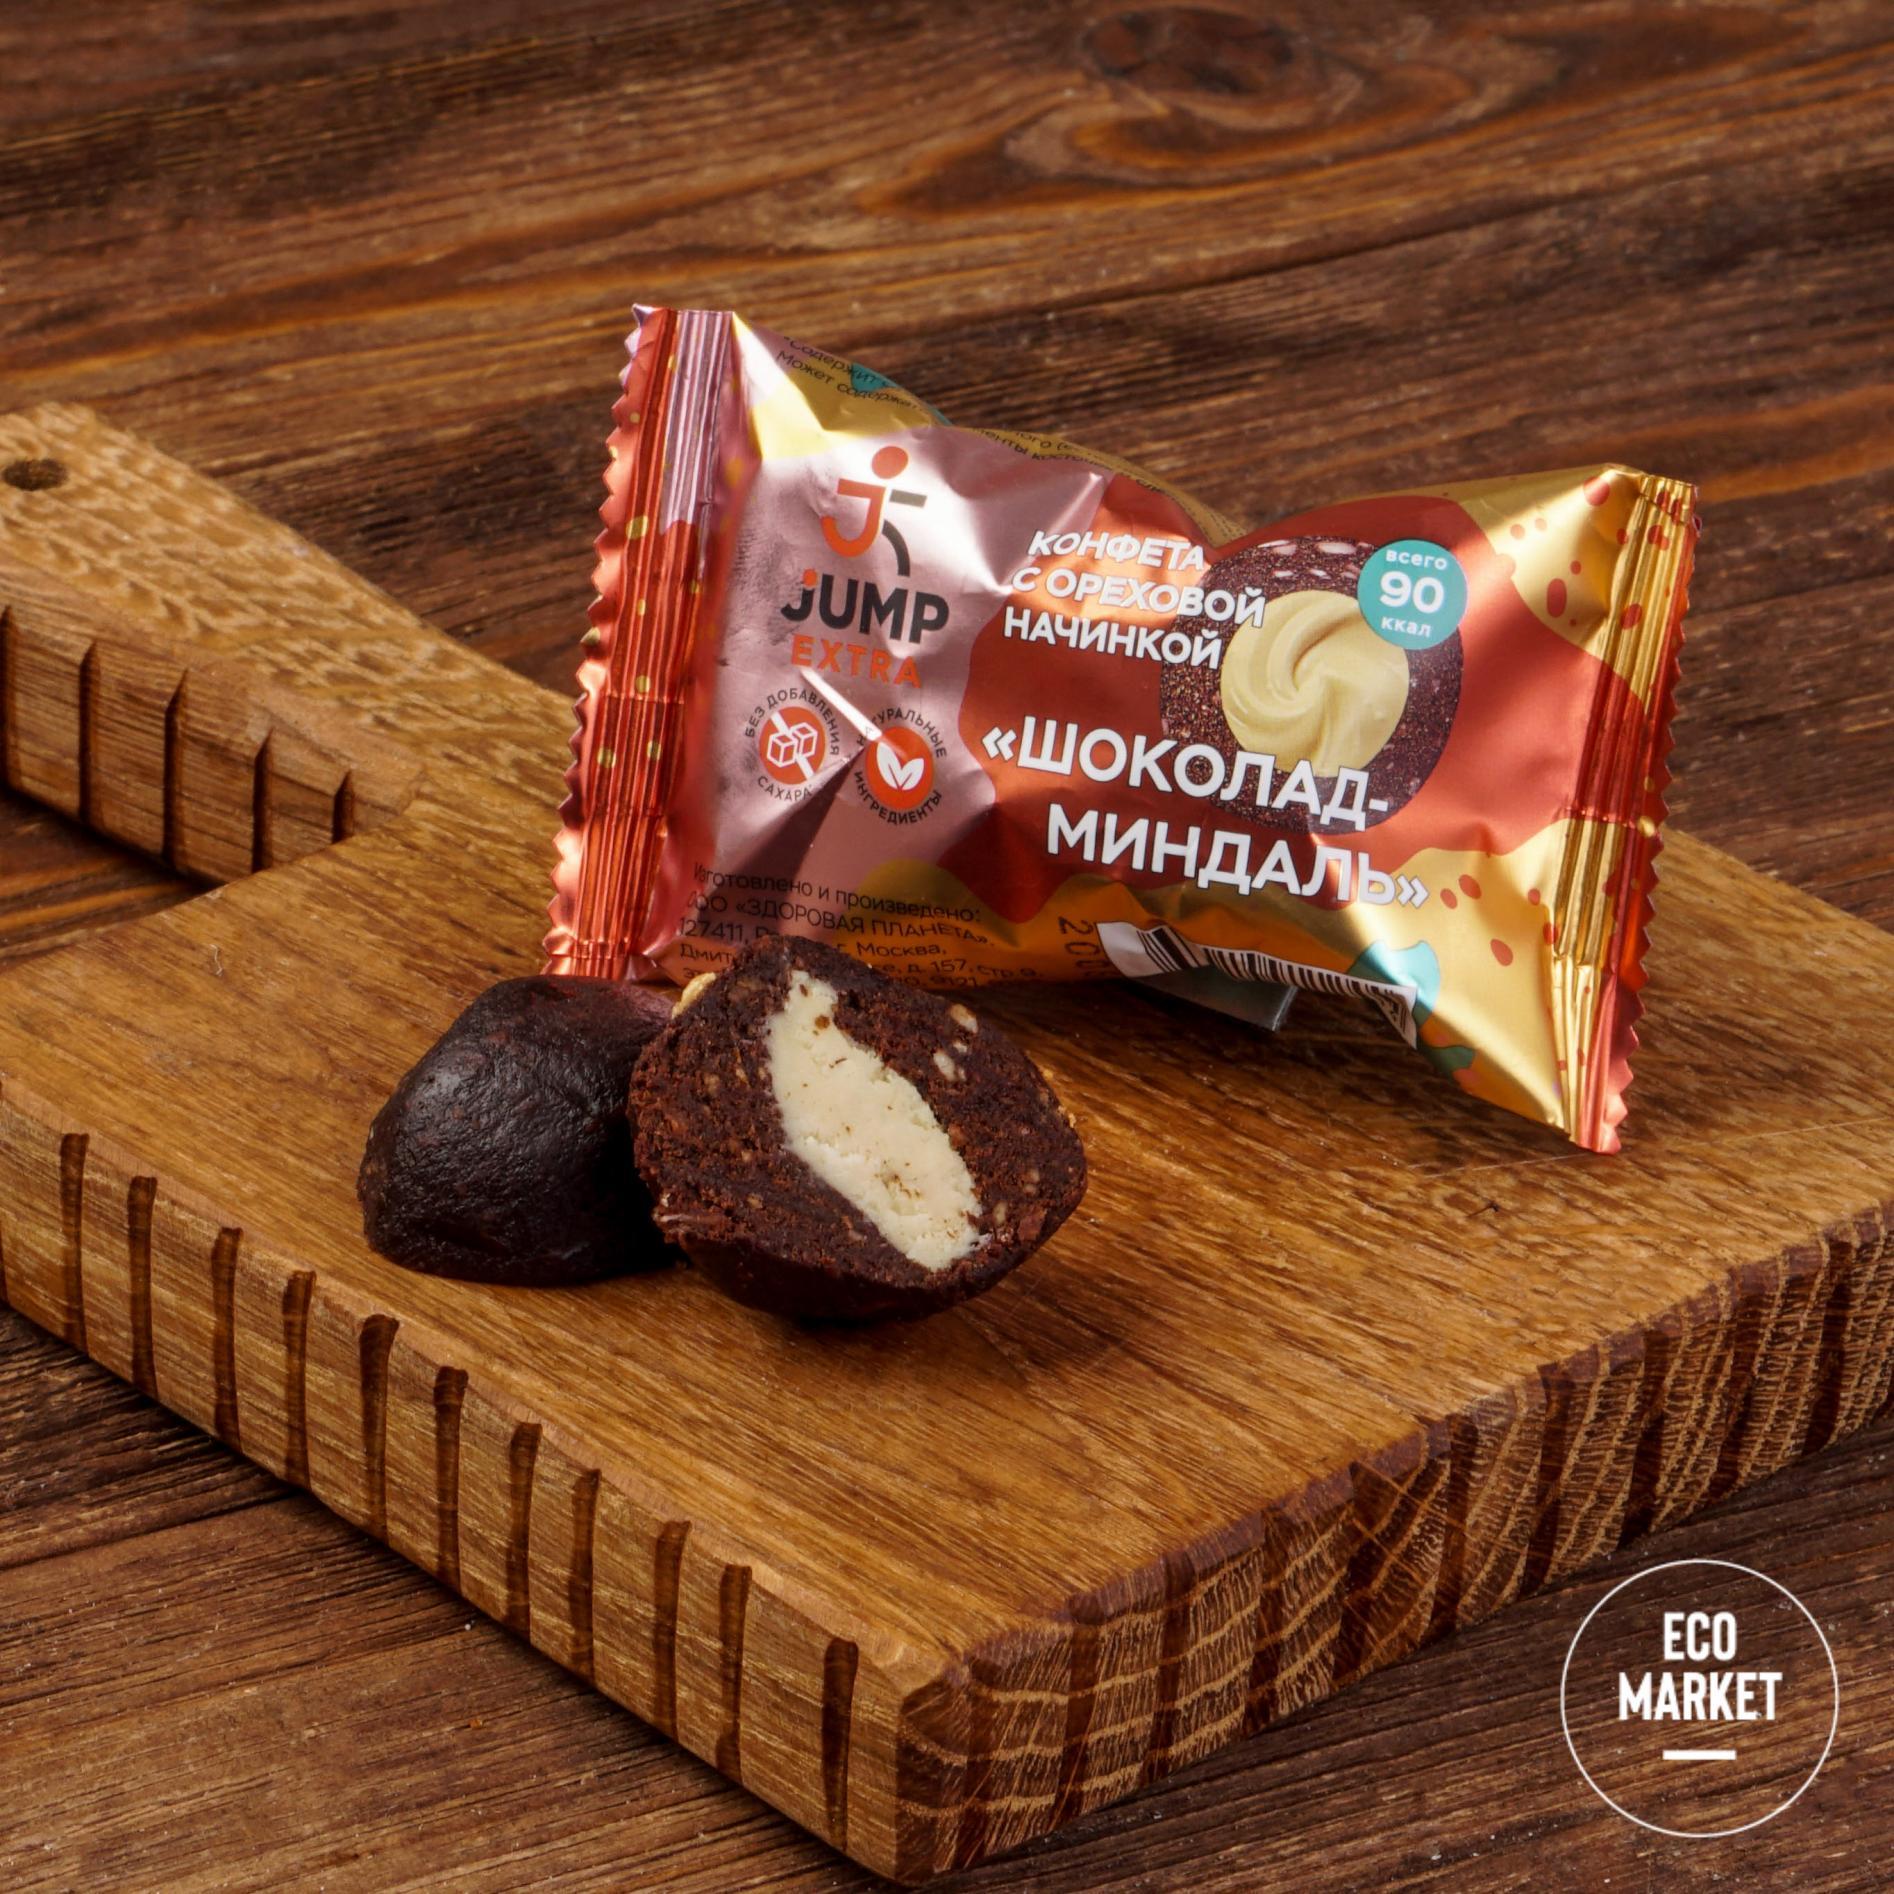 Конфета с ореховой начинкой Шоколад-миндаль, Jump Extra - 30 г